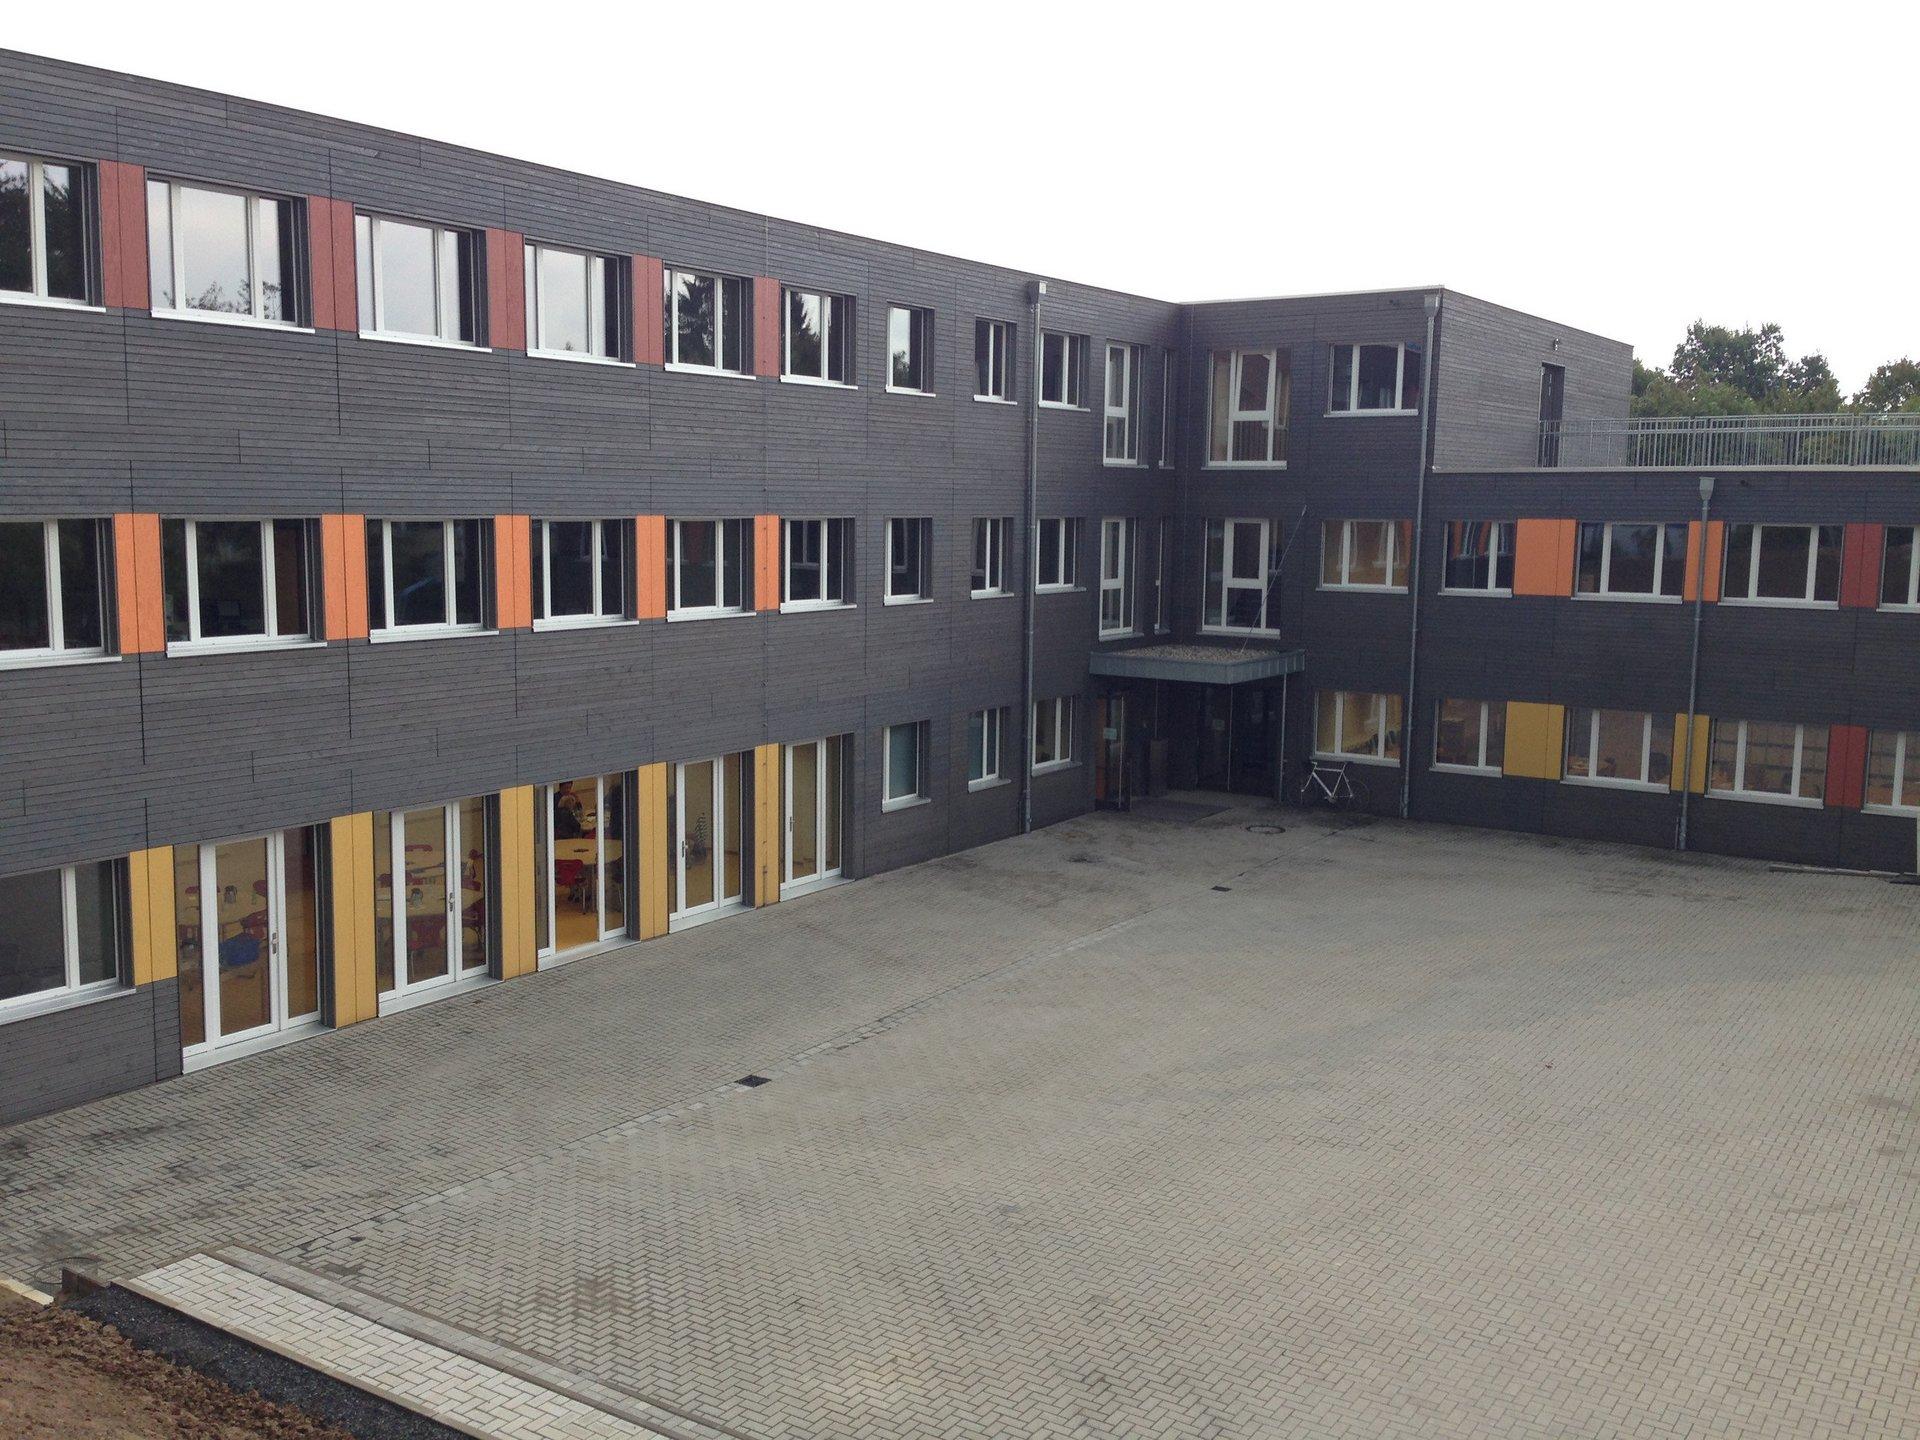 3-geschossiges Schulgebäude mit Schulhof und bunten Fassadenakzenten